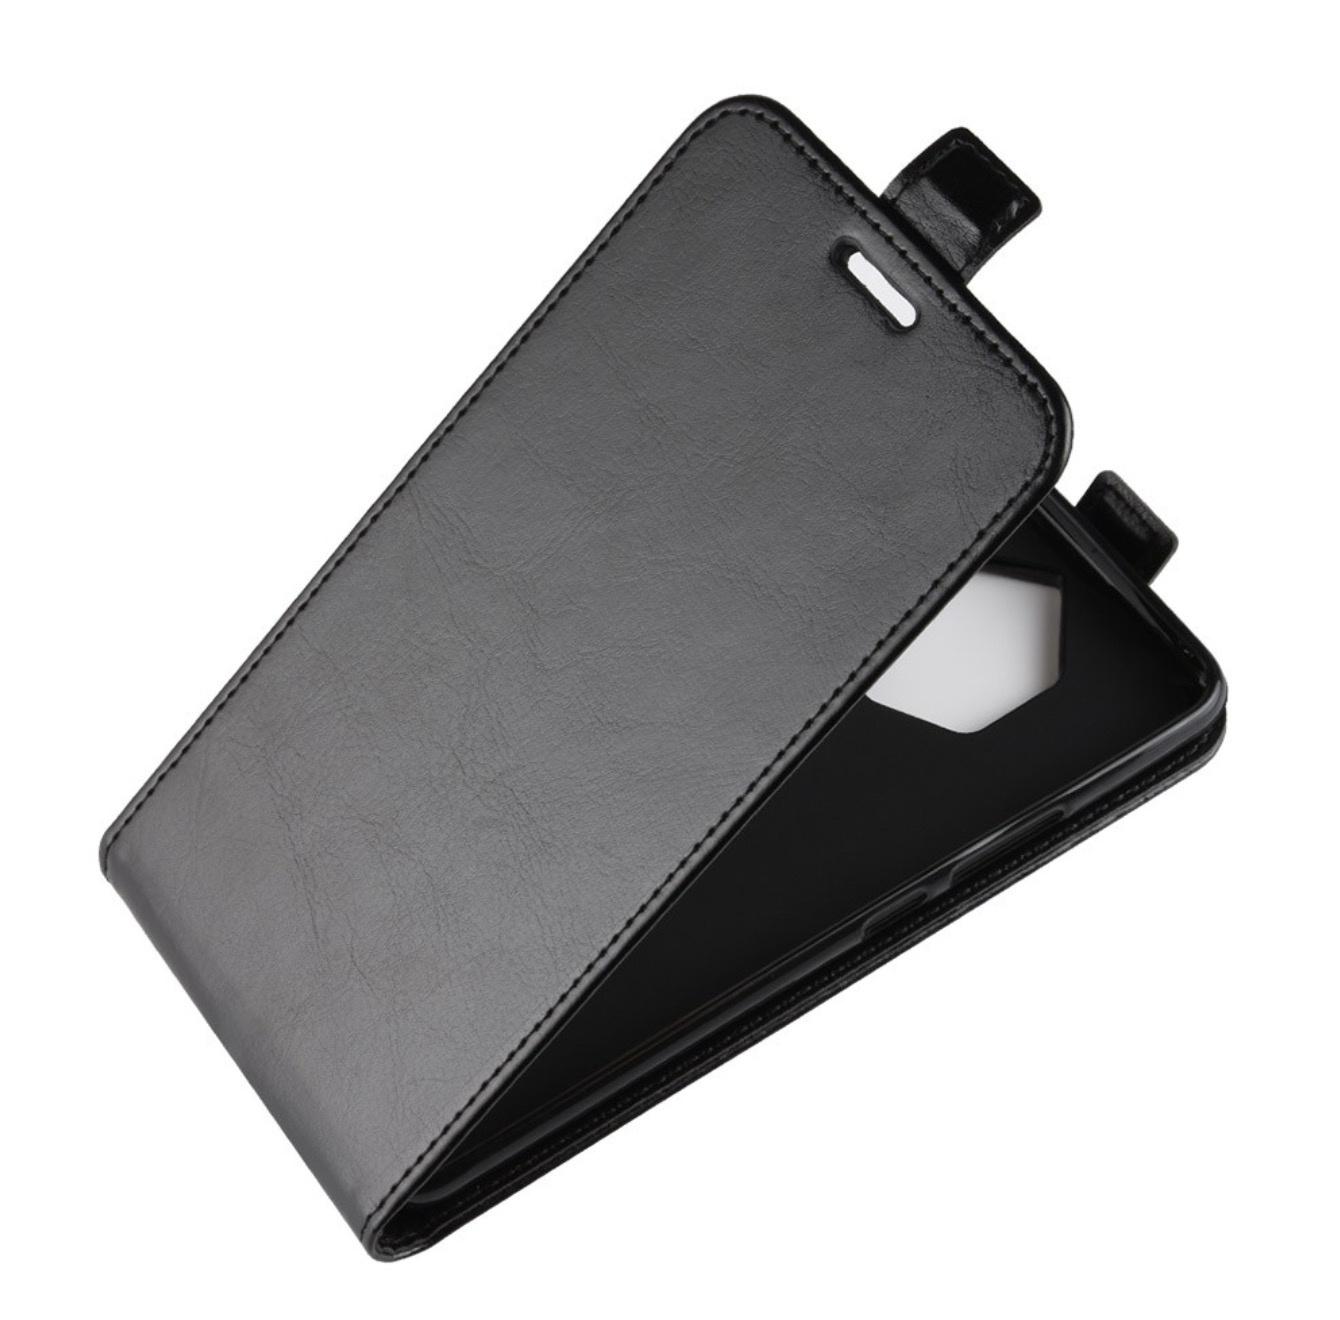 Чехол-флип MyPads для Acer Liquid Z330/ Z330 Duo/M330 вертикальный откидной черный laptop heatsink for lg z330 z330 med62510801